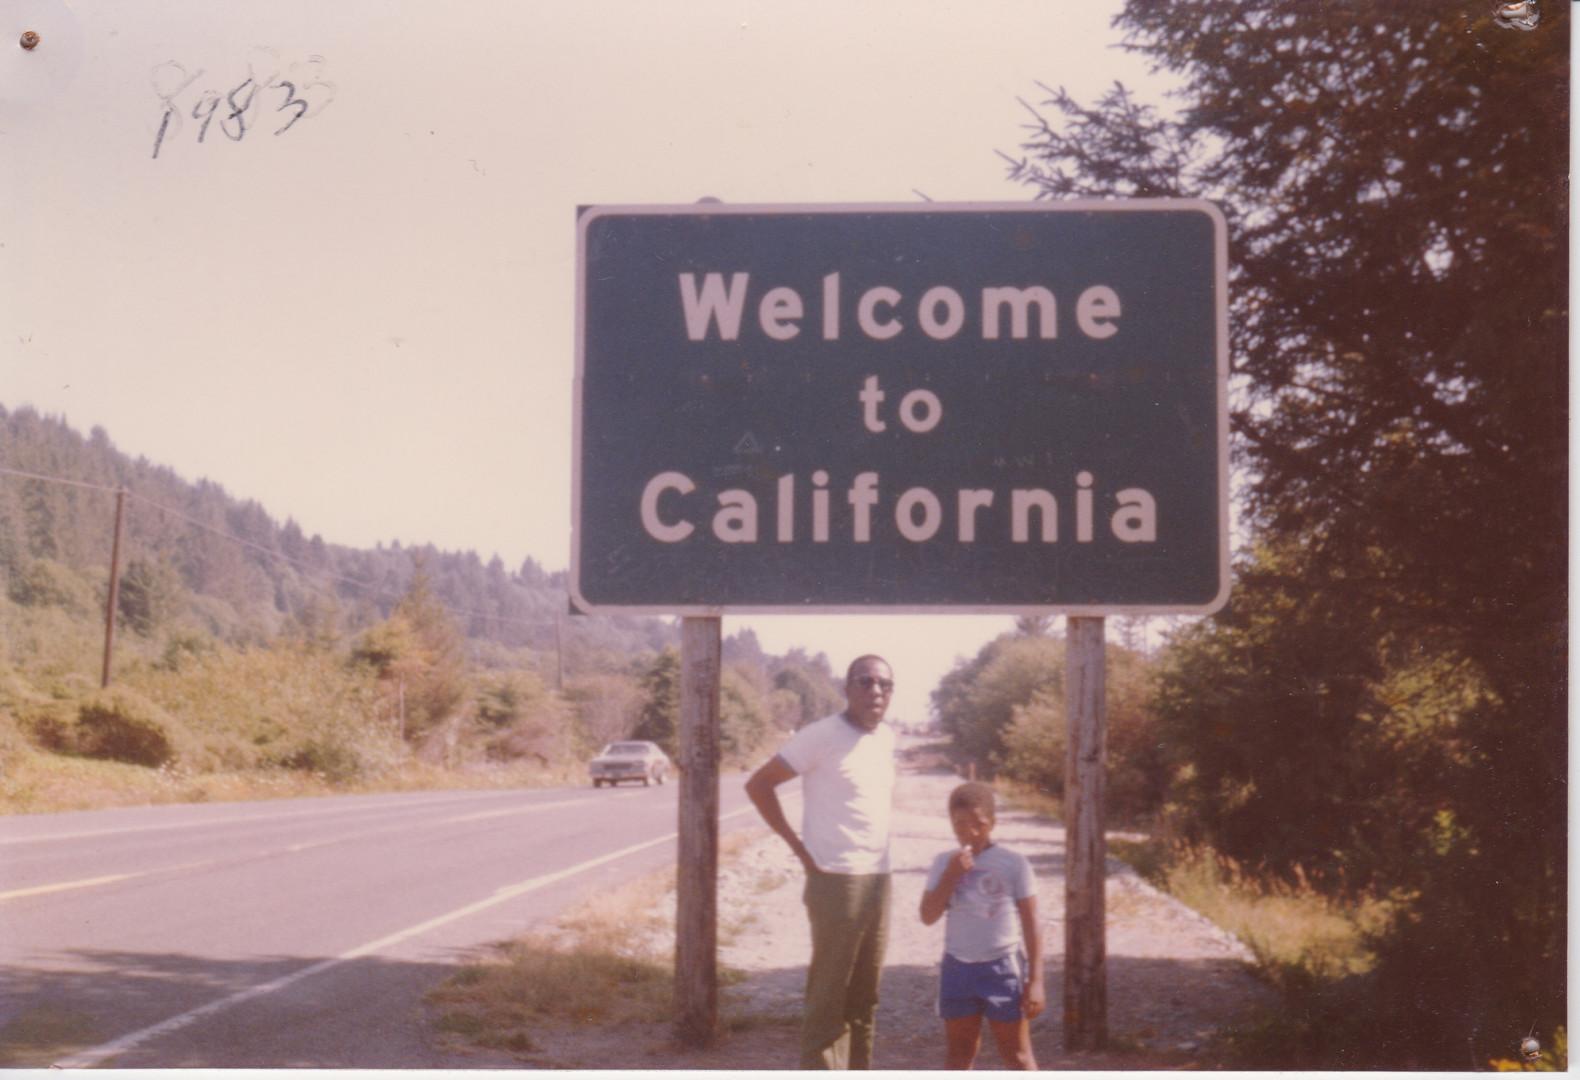 California.jpeg